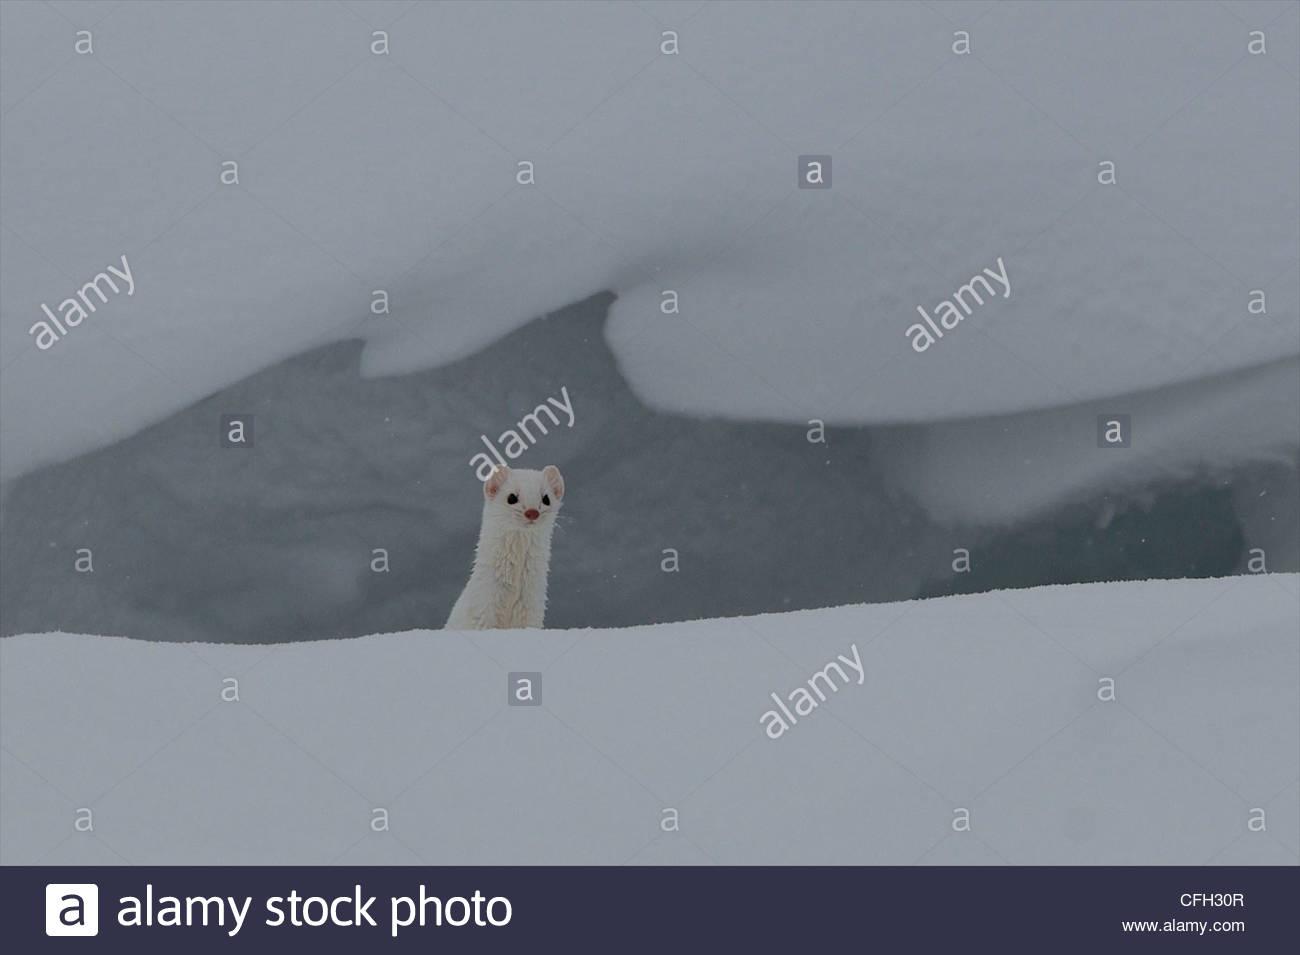 Un ermellino guarda fuori dal suo foro per vedere se eventuali pericoli sono nelle vicinanze. Immagini Stock